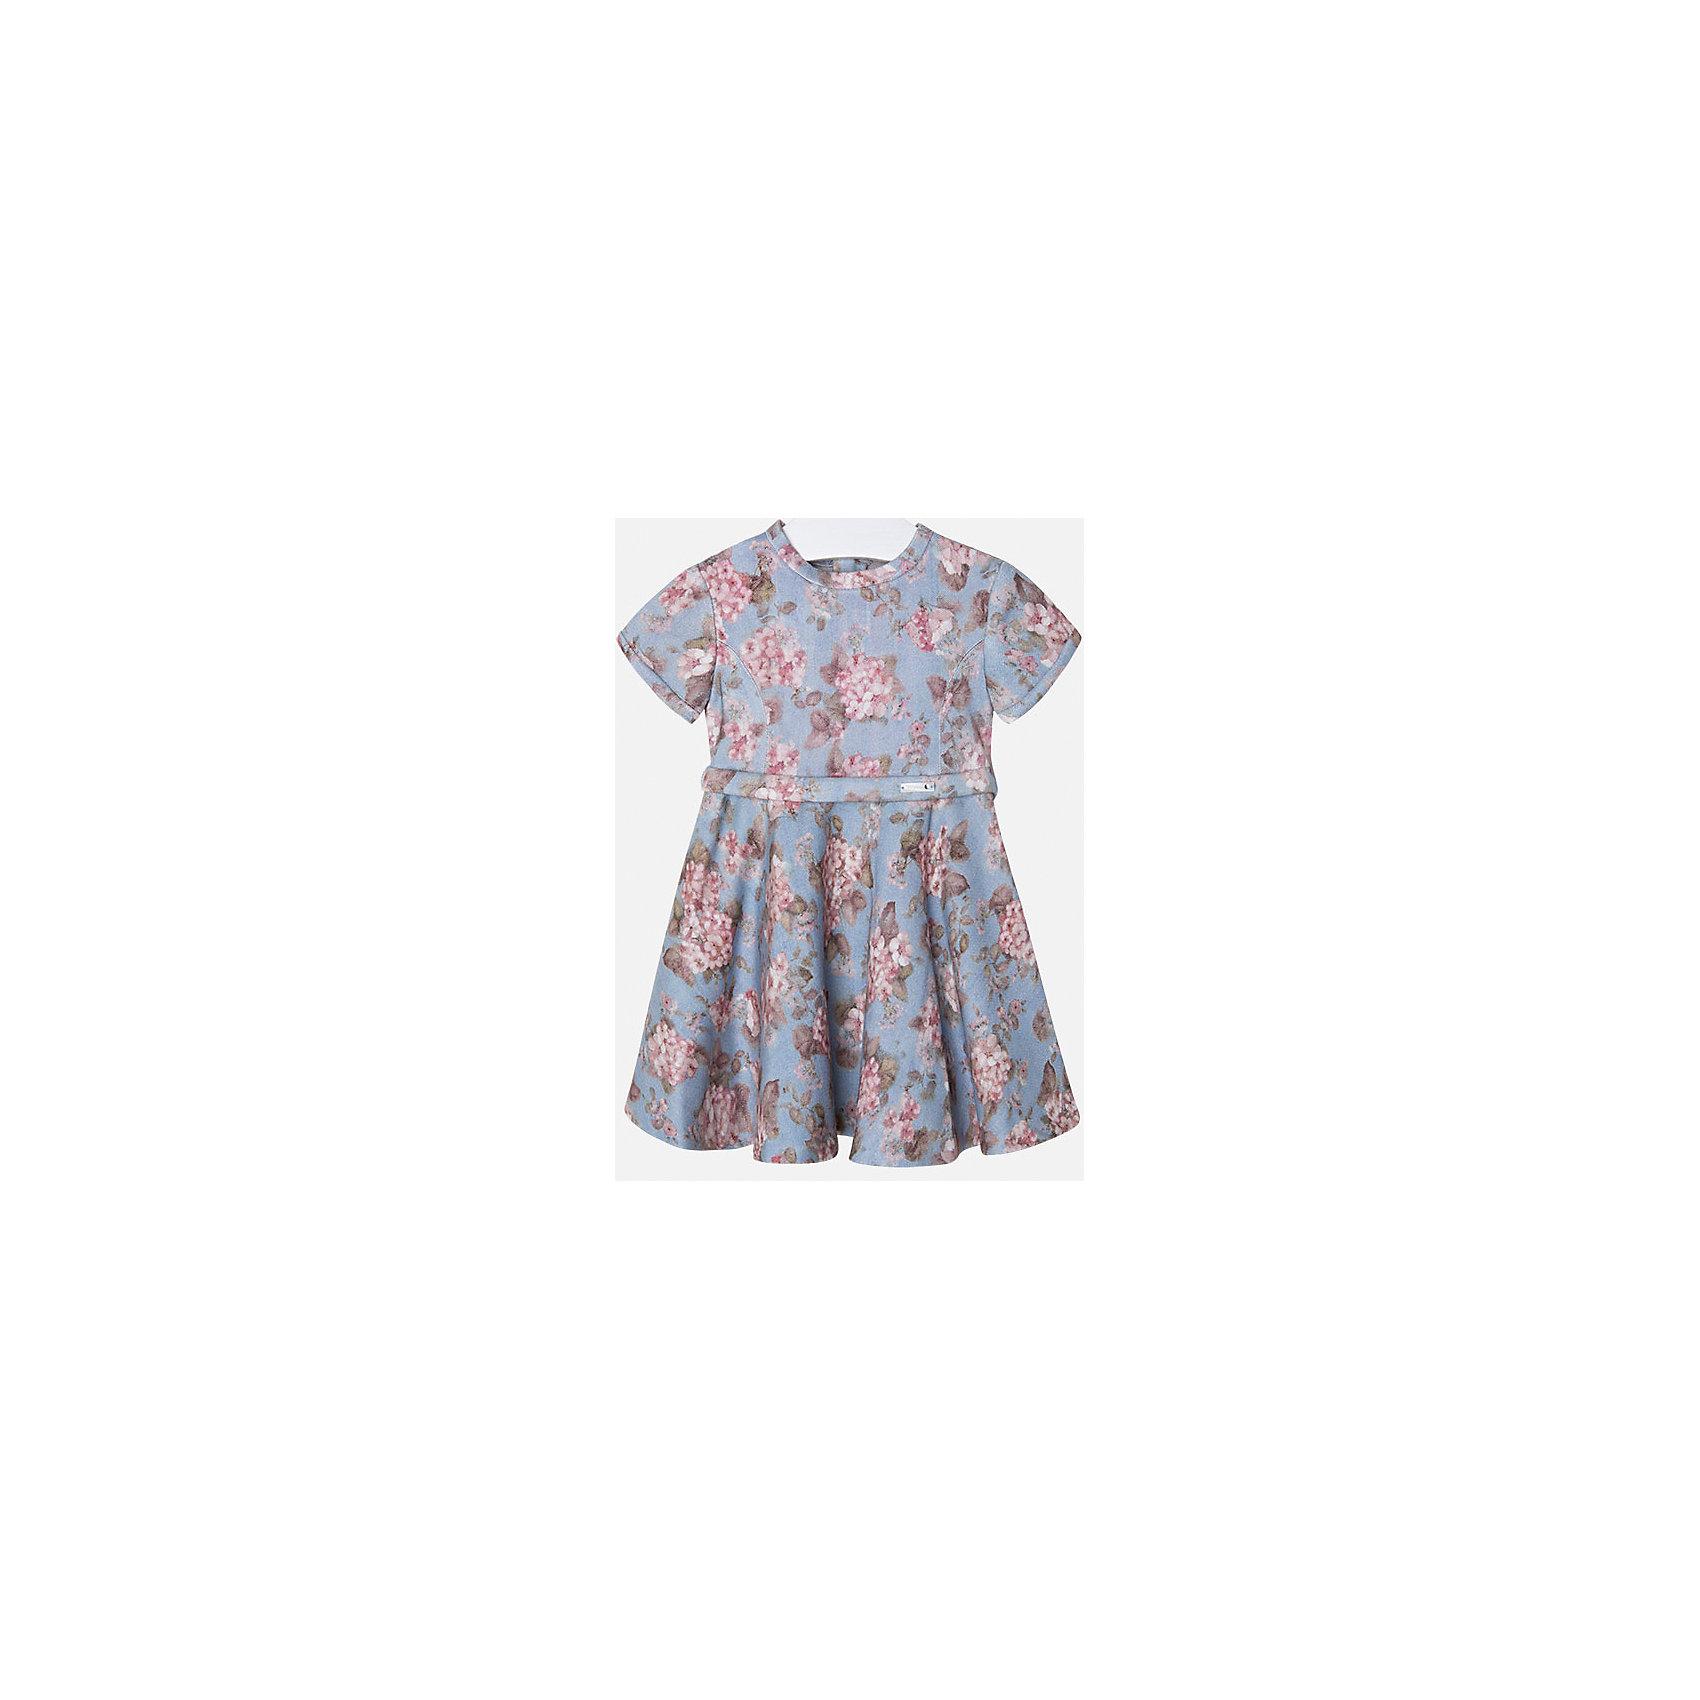 Платье для девочки MayoralОдежда<br>Нарядное платье Mayoral в цветочек отлично подойдет для любого торжества. Выполнено из мягкой ткани, приятной на ощупь. Платье с коротким рукавом, пышной юбкой и приталенным пояском. Сзади застегивается на молнию.<br><br>Дополнительная информация: <br><br>- цвет: голубой<br>- состав: 68 % вискоза, 30 % полиэстер, 2 % эластана<br>- вырез горловины: округлый<br>- длина рукава: короткий<br>- вид застежки:  застежка сзади<br>- покрой: прямой<br>- фактура материала: трикотажный<br>- тип карманов: без карманов<br>- уход за вещами: бережная стирка при 30 градусах<br>- назначение: повседневная<br>- конструктивные элементы: без разреза<br>- пол: девочки<br>- страна бренда: Испания<br>- страна производитель: Китай<br>- комплектация: платье<br><br>Платье для девочки торговой марки Mayoral можно купить в нашем интернет-магазине.<br><br>Ширина мм: 236<br>Глубина мм: 16<br>Высота мм: 184<br>Вес г: 177<br>Цвет: синий<br>Возраст от месяцев: 96<br>Возраст до месяцев: 108<br>Пол: Женский<br>Возраст: Детский<br>Размер: 128,110,122,134,98,116,104<br>SKU: 4844477